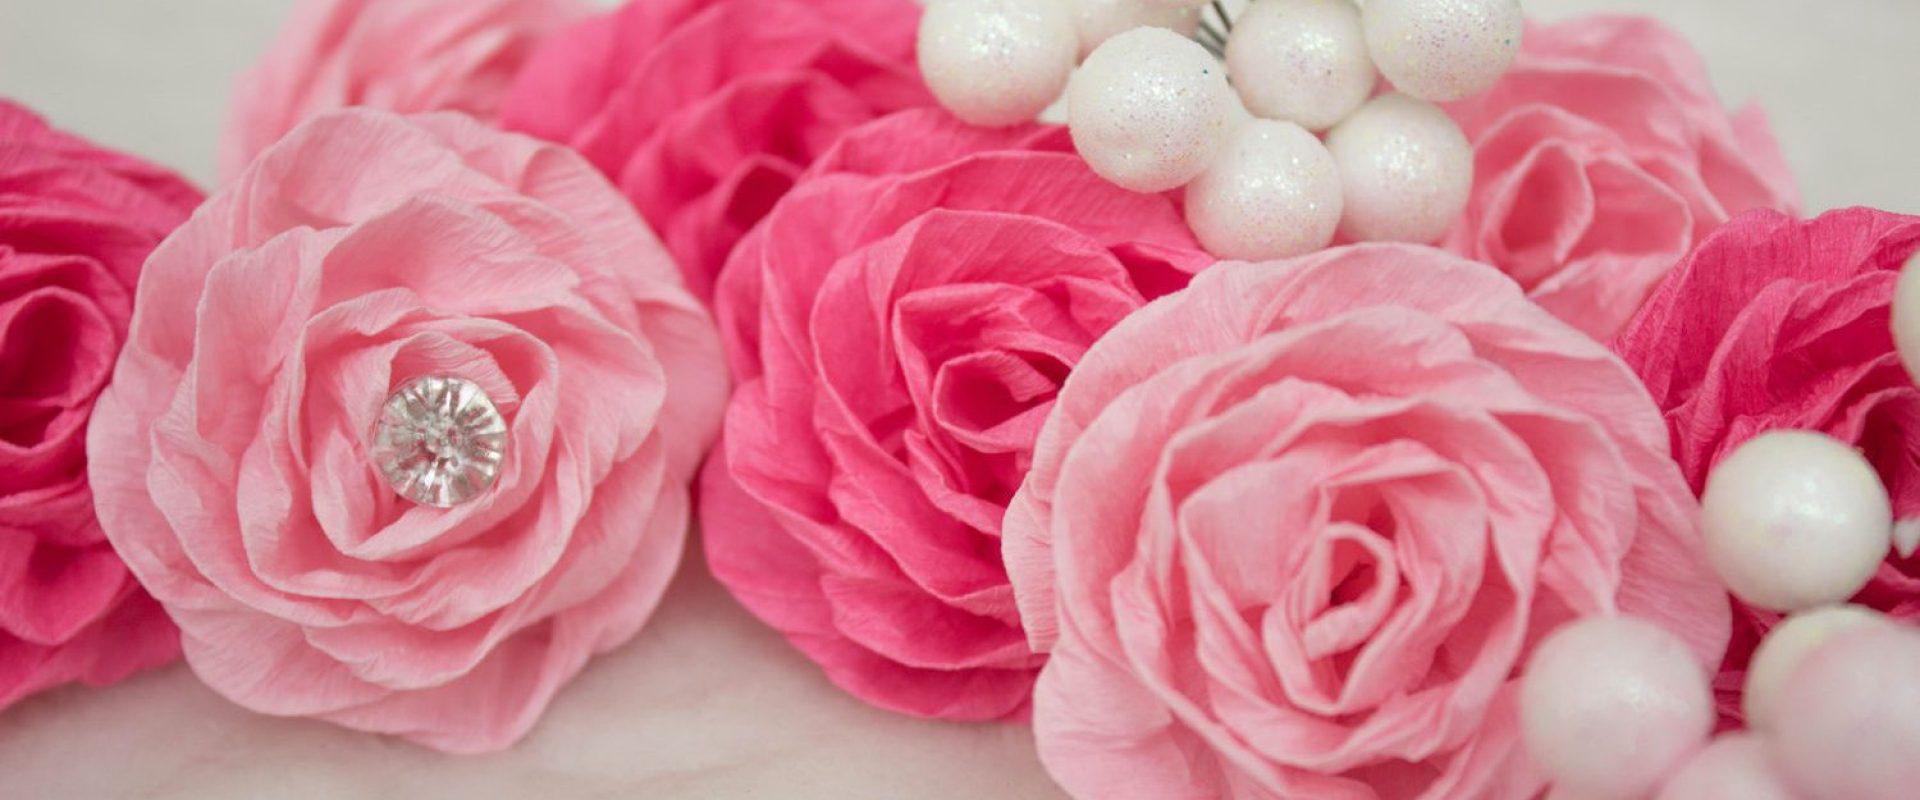 Цветы из креповой бумаги фото